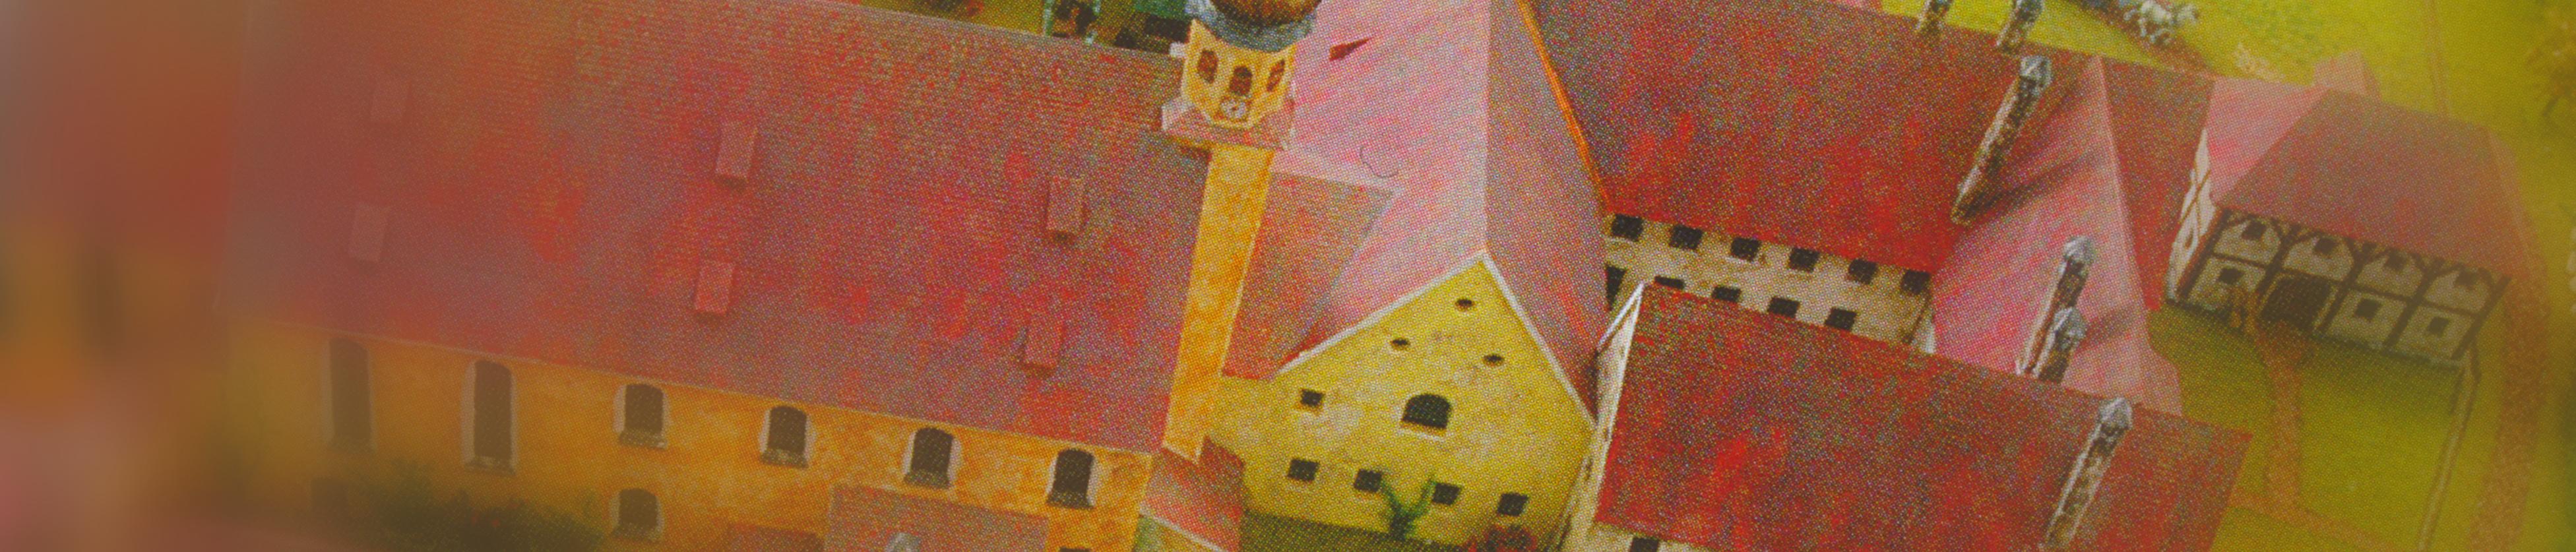 Klostermodell - Zustand um 1800 - Bild 1